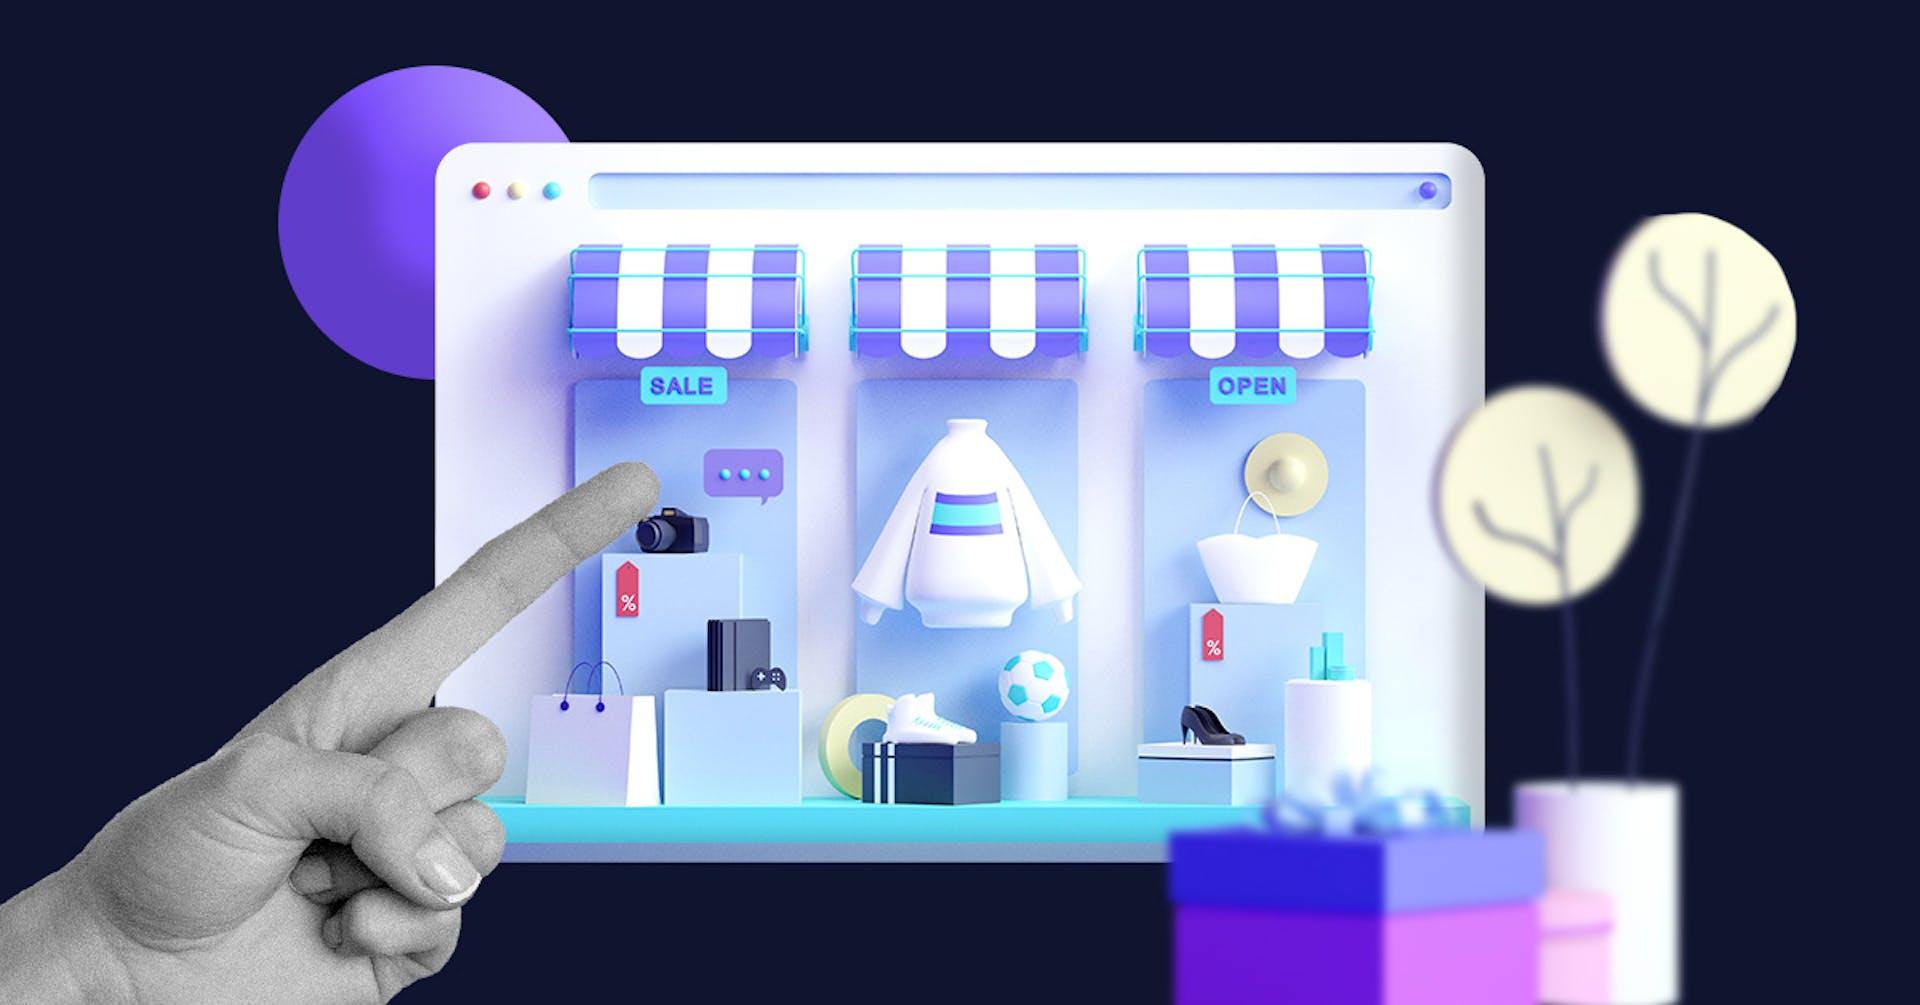 Vender ropa usada: Cómo generar ingresos por internet con las prendas que ya no usas